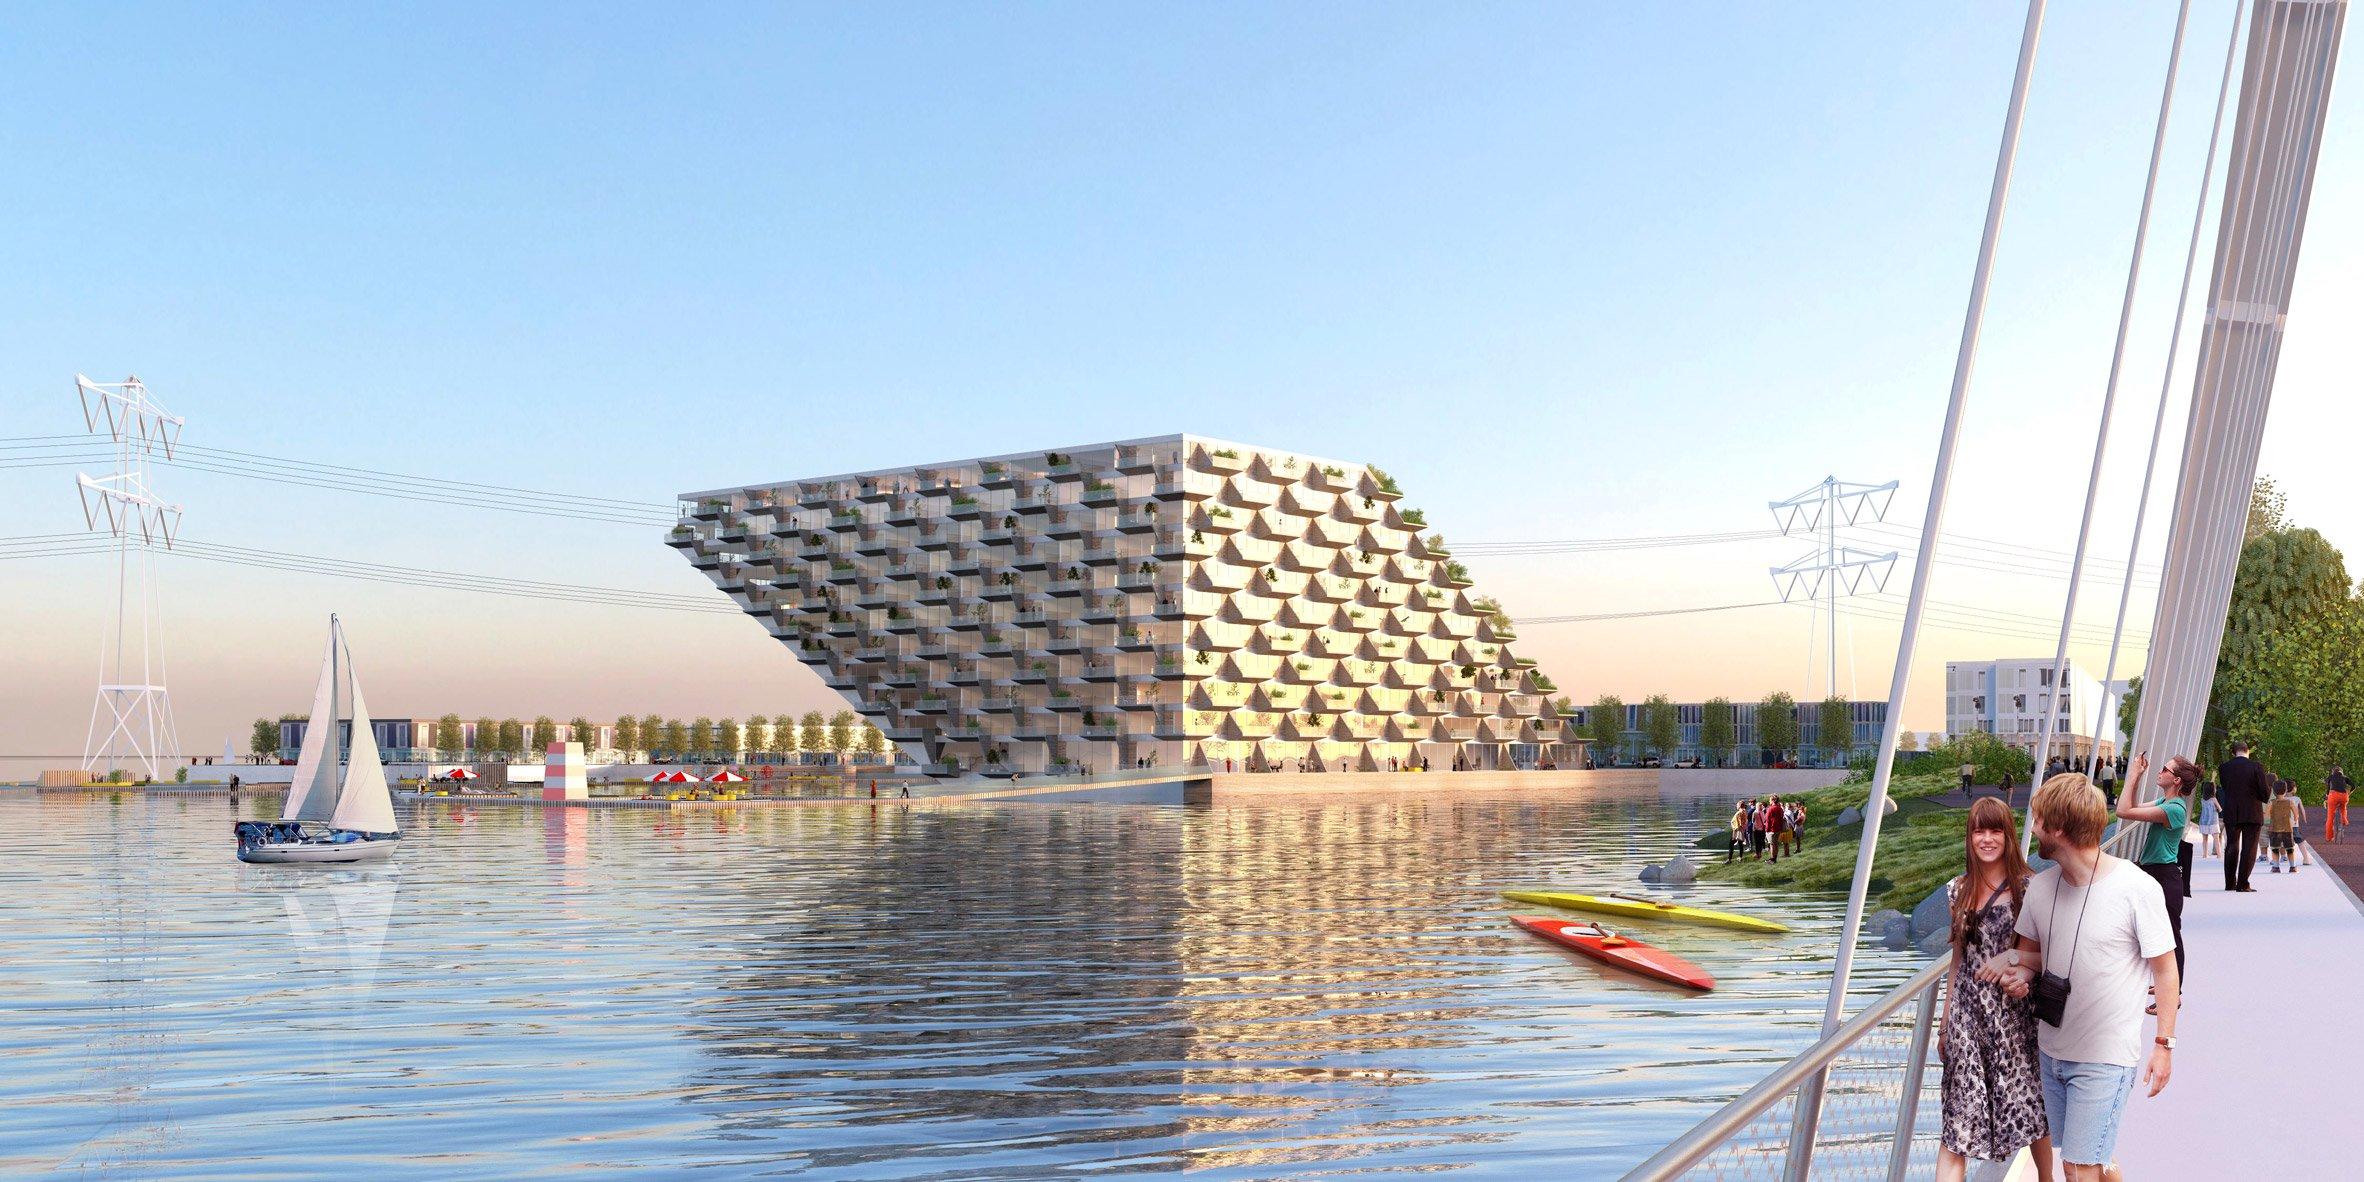 Sluishuis kiến trúc độc đáo tòa nhà thiết kế nổi.02